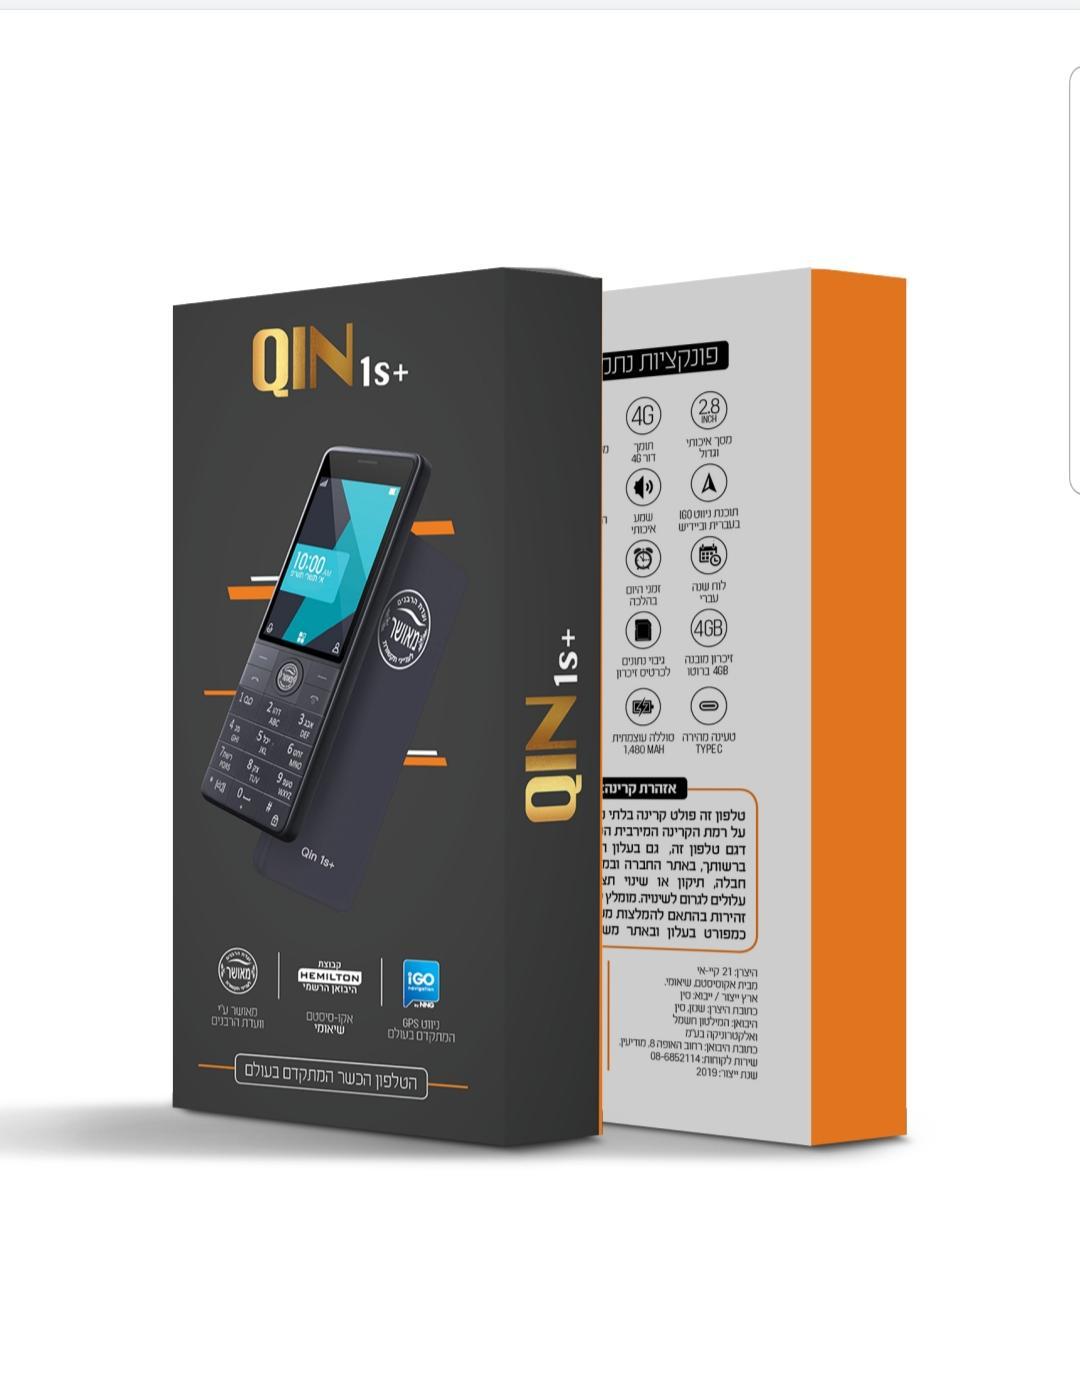 מבצע! מכשיר כשר מאושר שיאומי +xiaomi Qin1s  דור 4G-3G עם ניווט GPS משלוח חינם